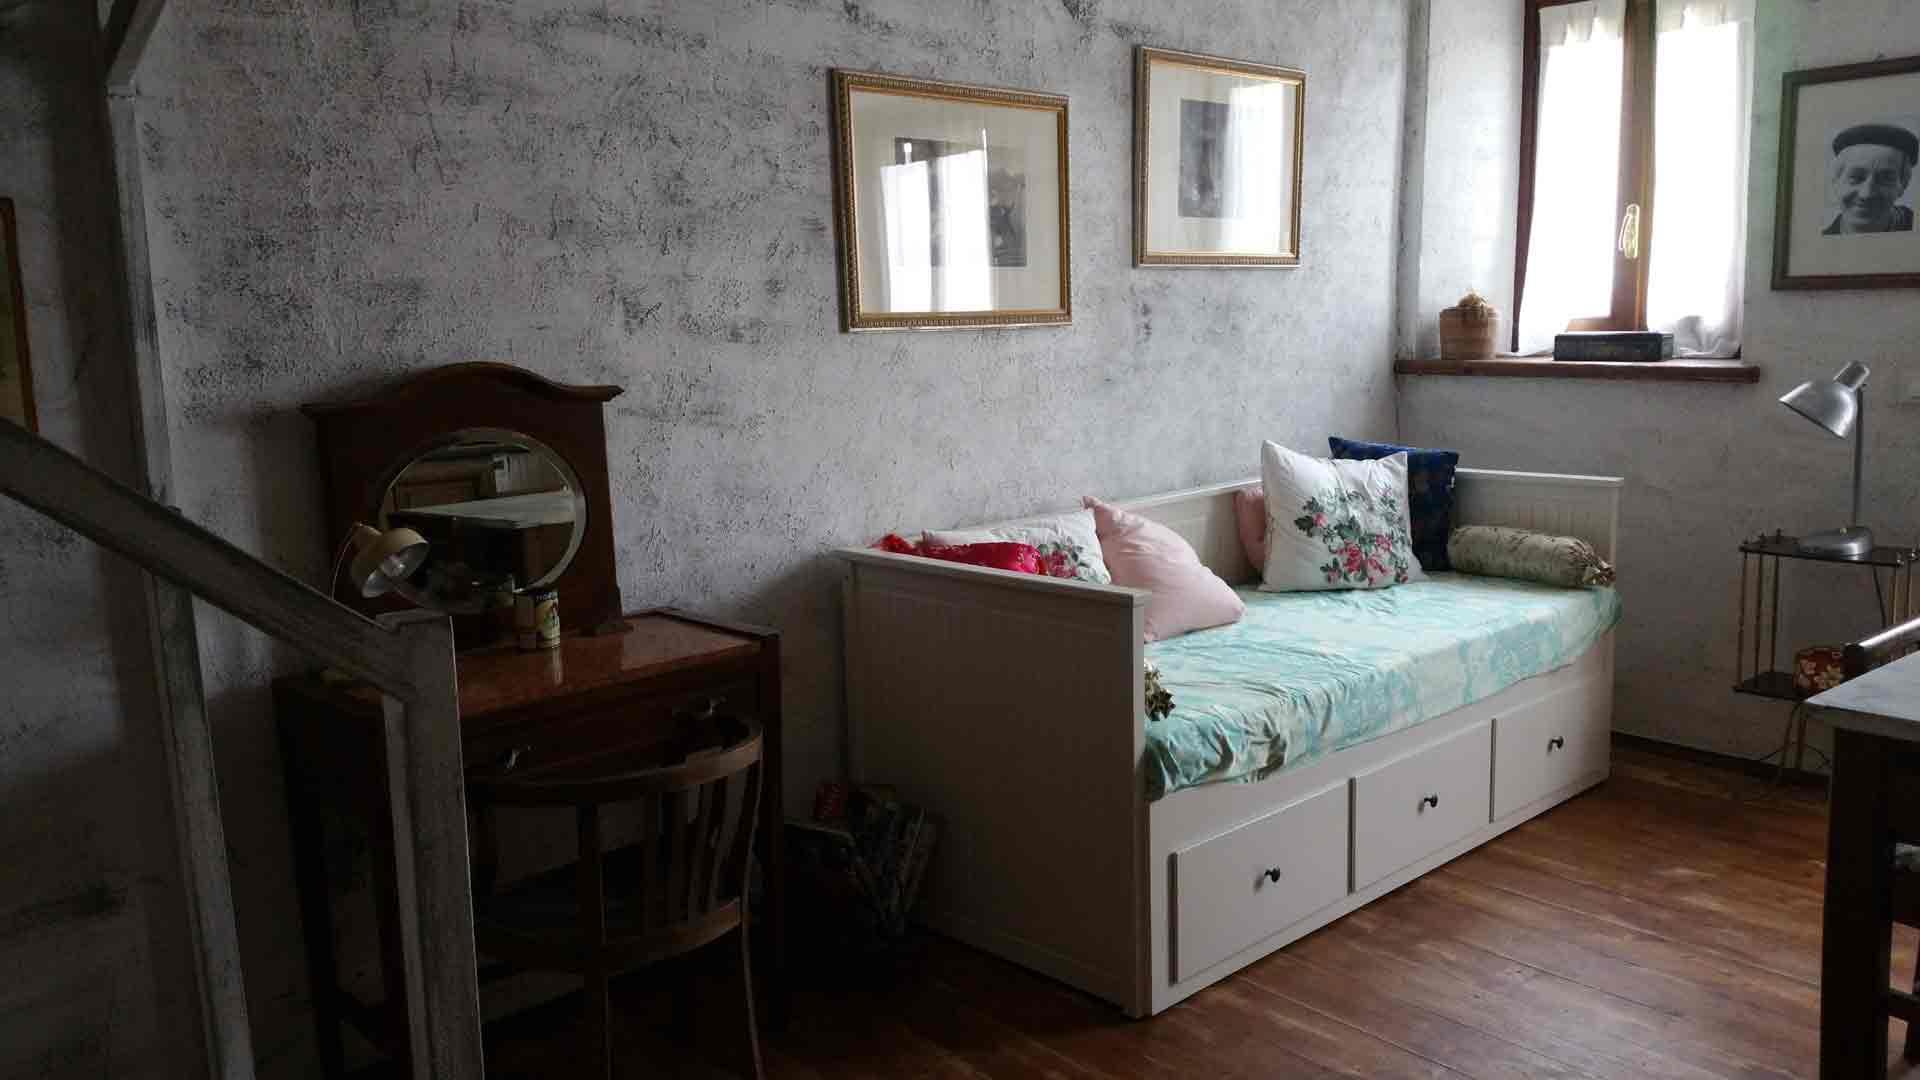 Alloggio 900 camera letto matrimoniale lettino e soggiorno con angolo cottura divano letto - Divano letto asti ...